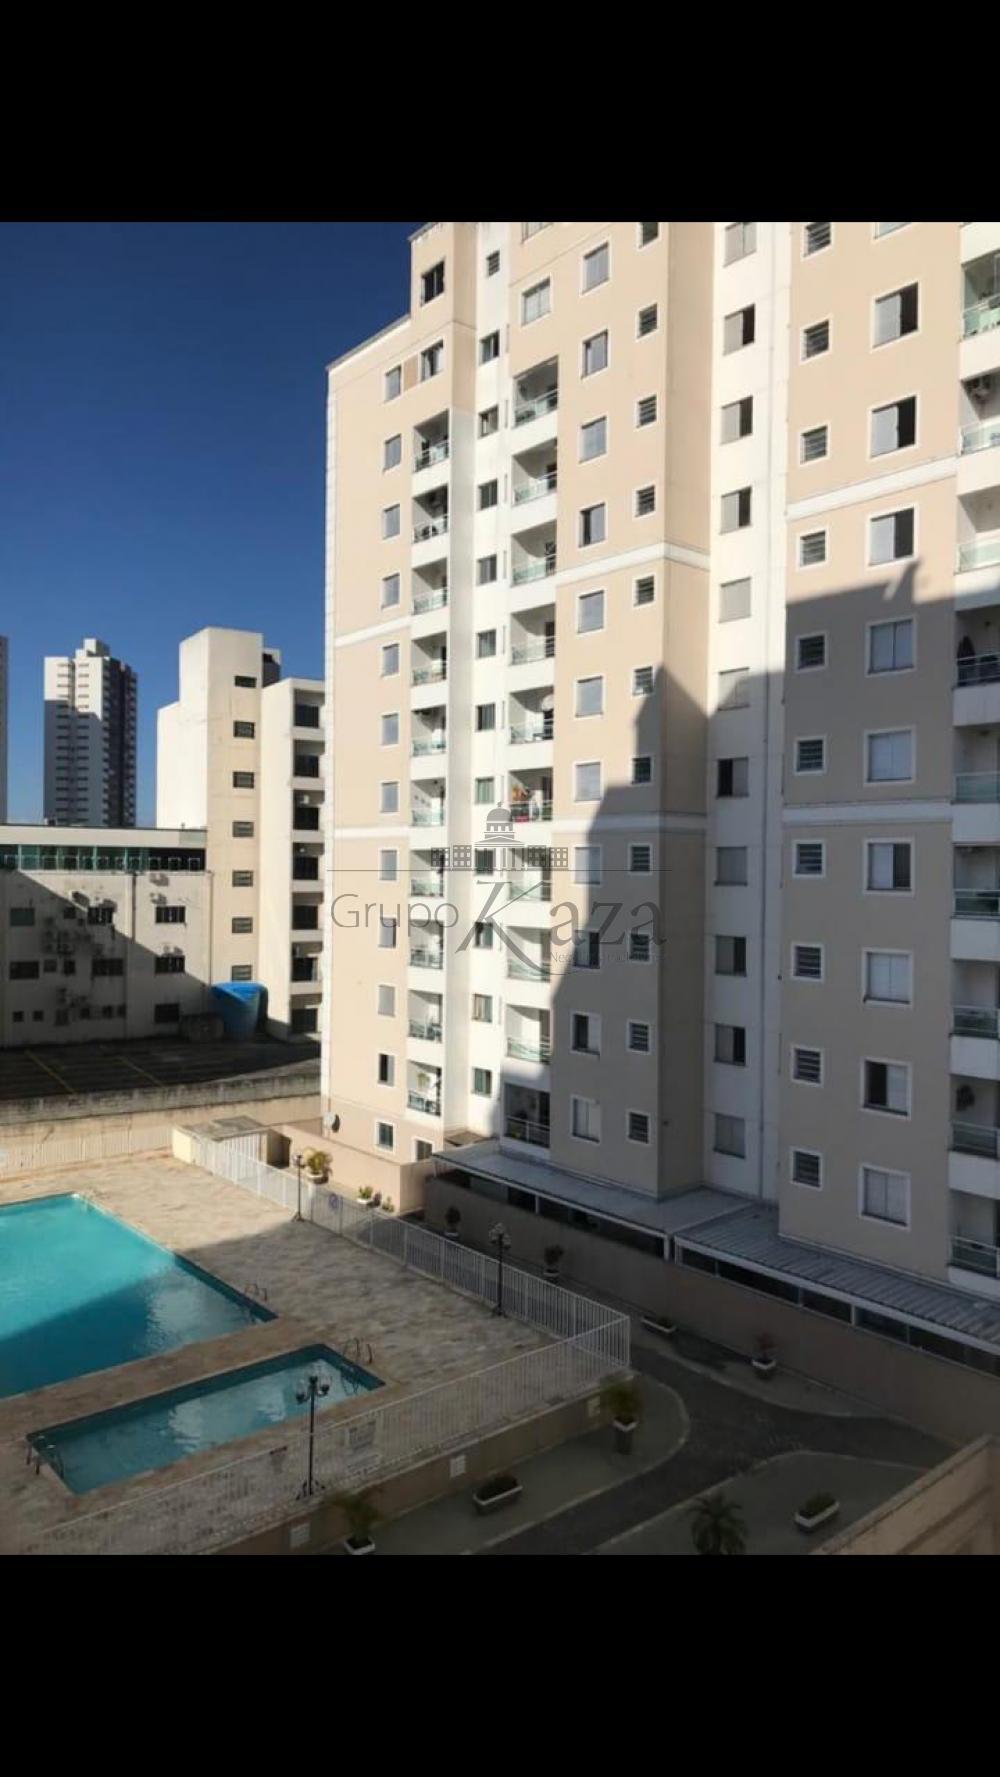 Comprar Apartamento / Padrão em Taubaté apenas R$ 250.000,00 - Foto 2